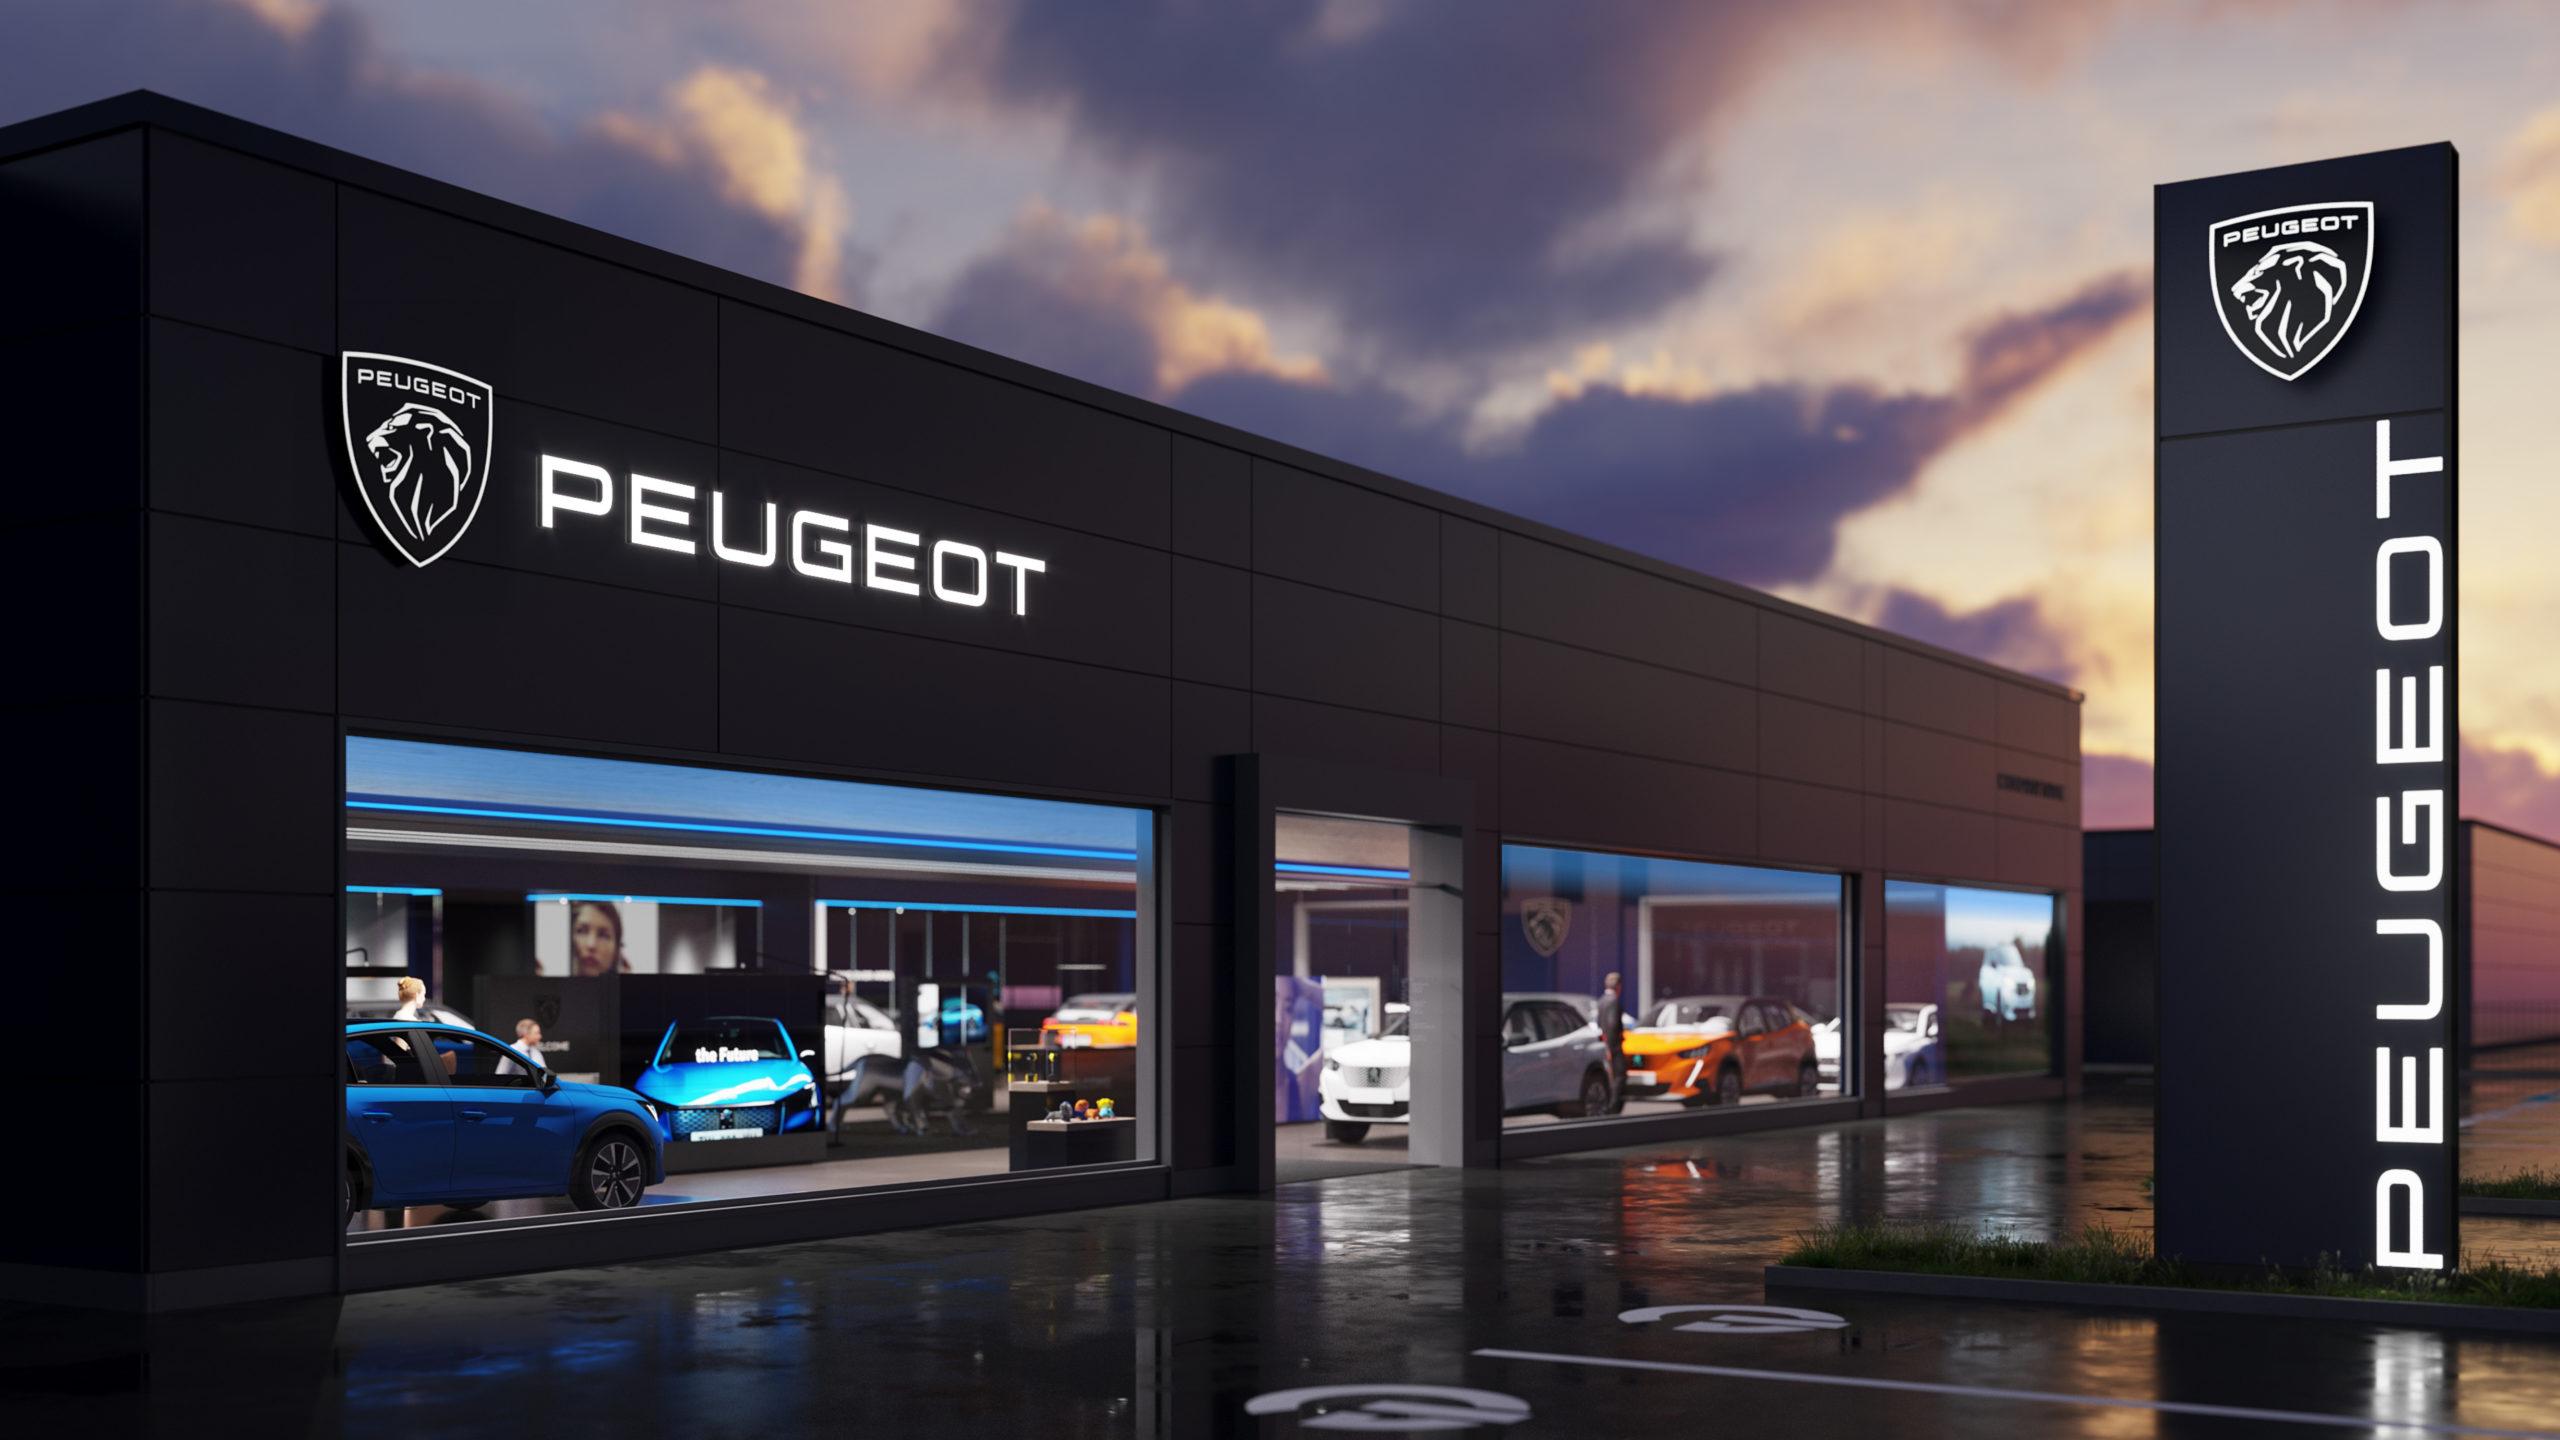 Компания PEUGEOT сменила логотип и фирменный стиль